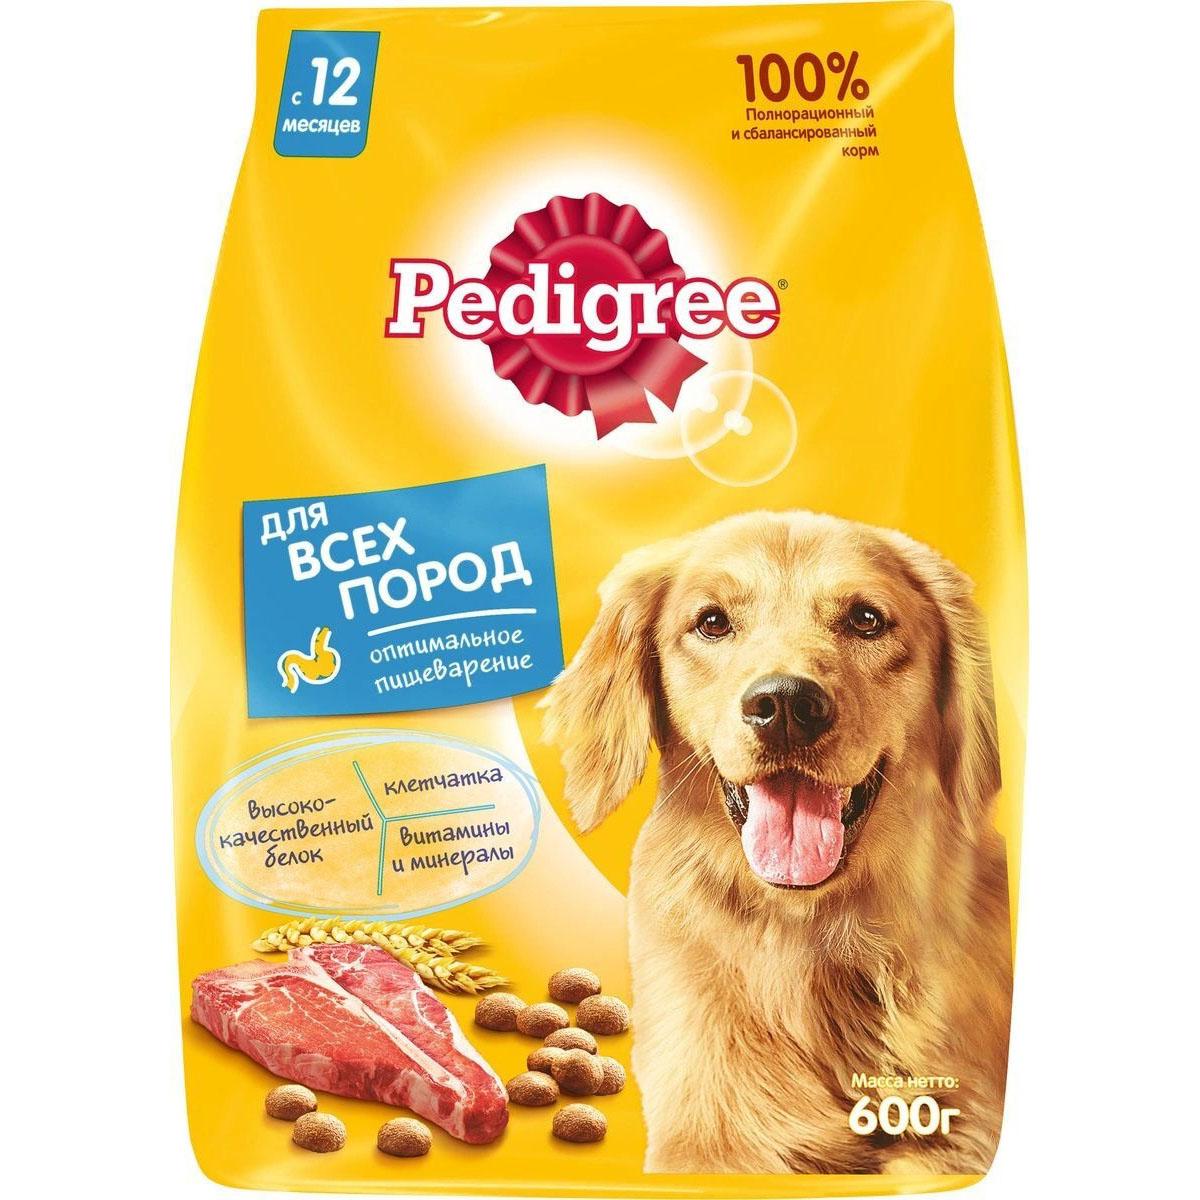 Фото - Корм для собак Pedigree Говядина, рис, овощи для всех пород 0,6 кг сухой корм для собак мелких пород pedigree говядина 2 2 кг